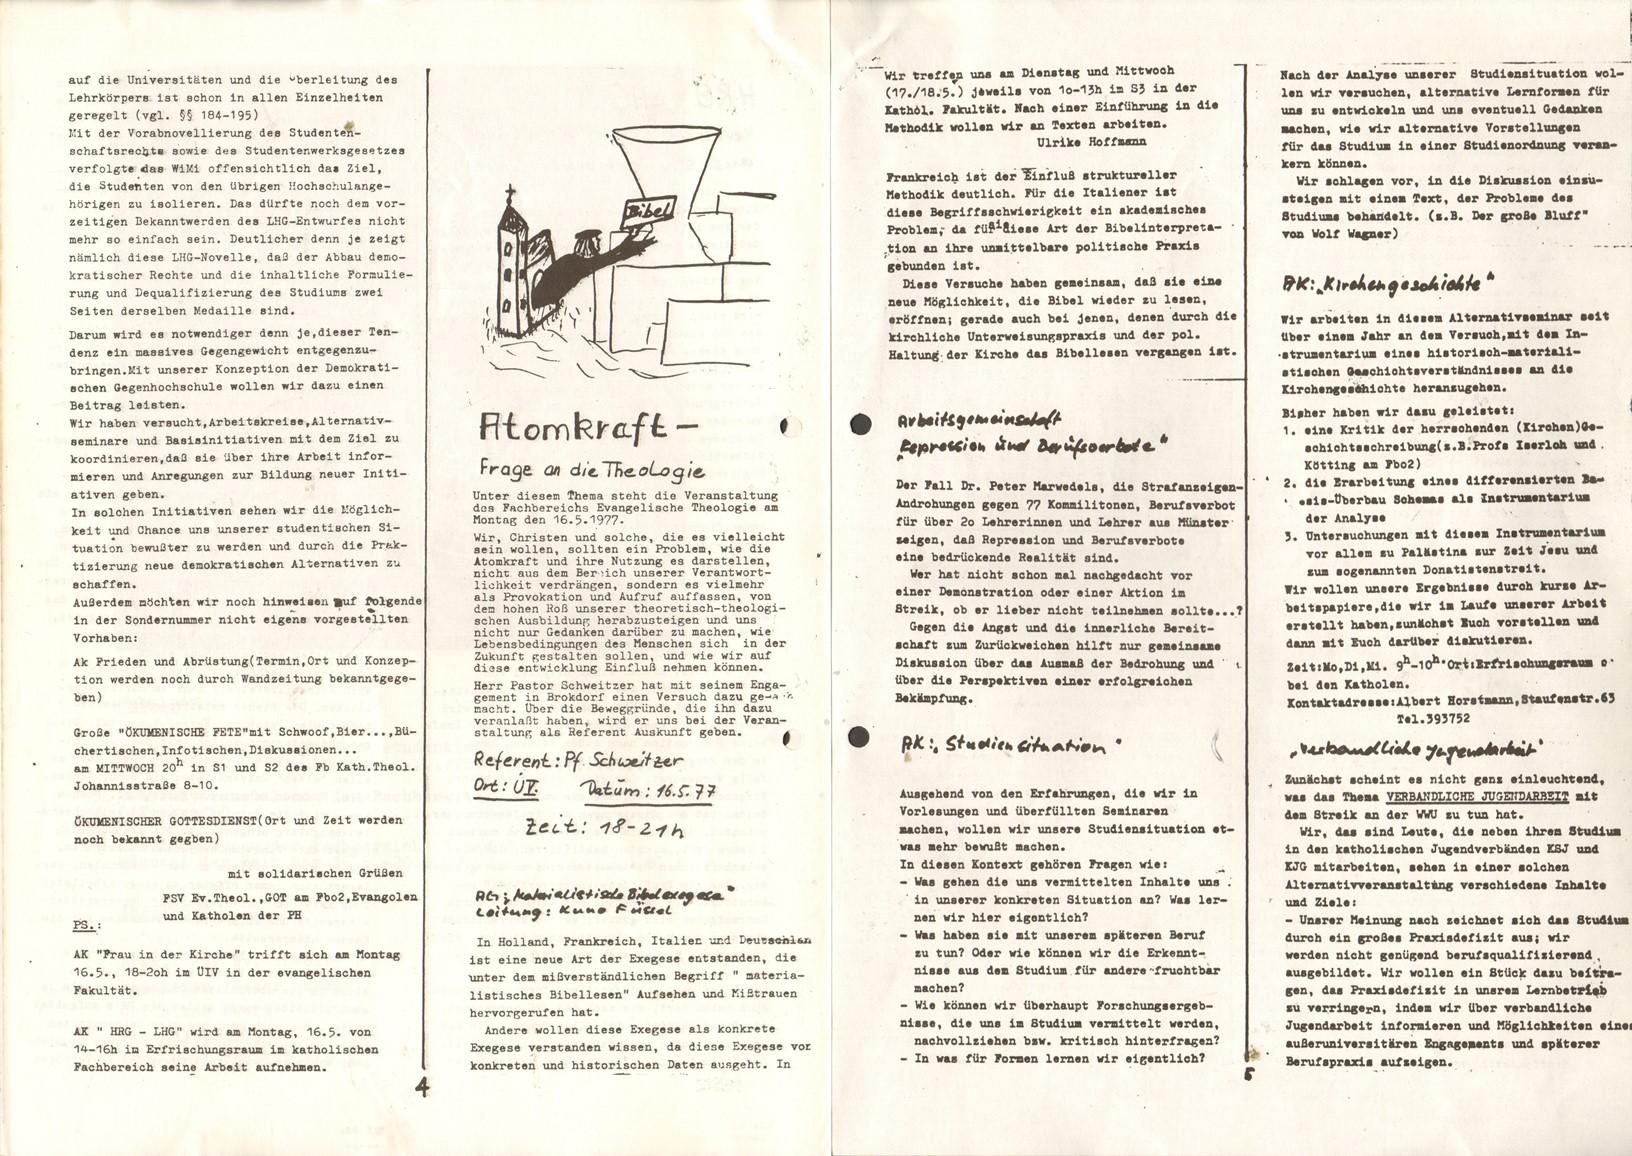 Muenster_Roter_Korach_19770515_03